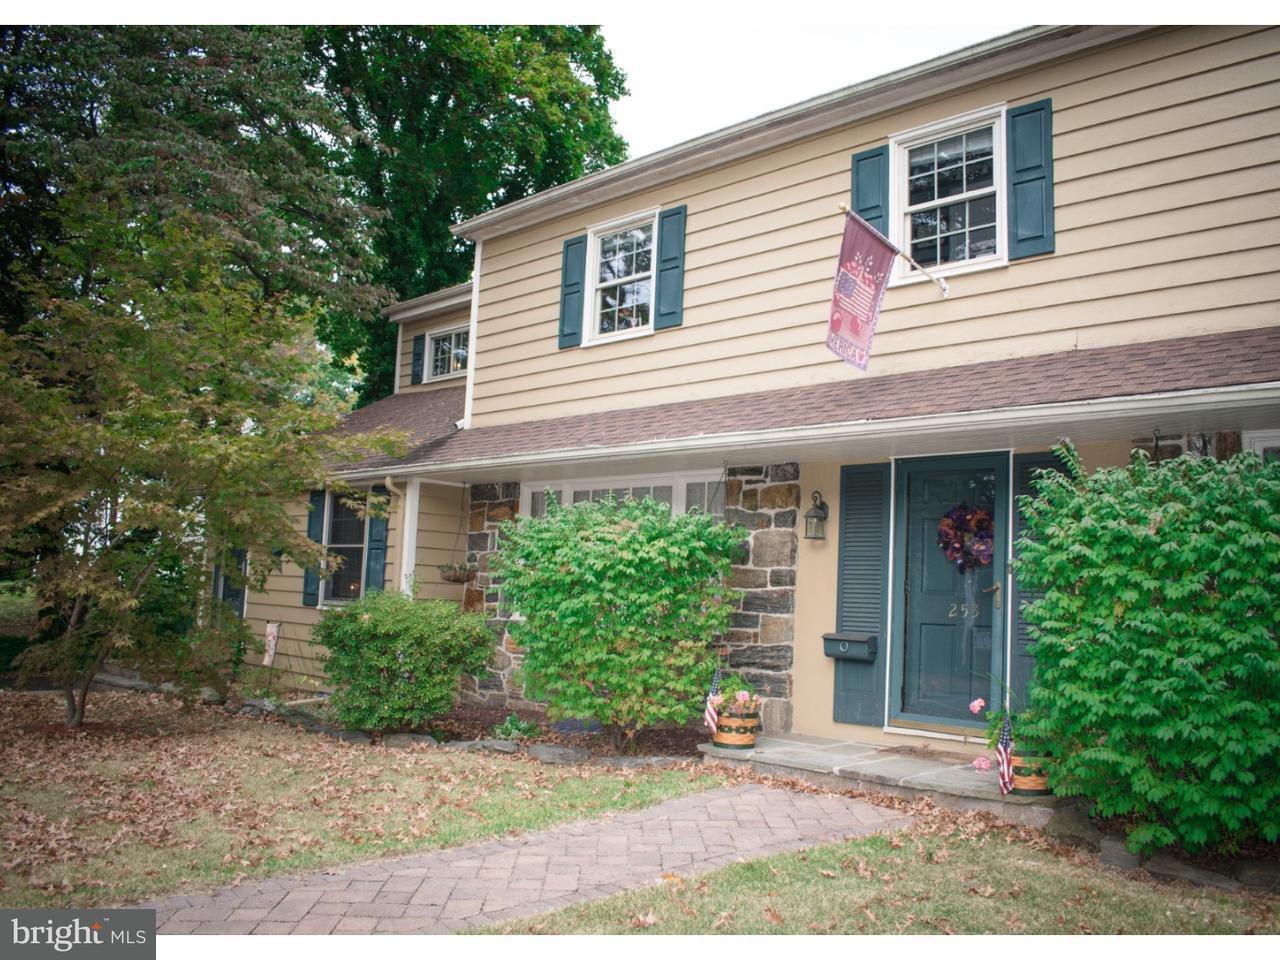 Частный односемейный дом для того Продажа на 253 HIGH Street Mount Holly, Нью-Джерси 08060 Соединенные Штаты